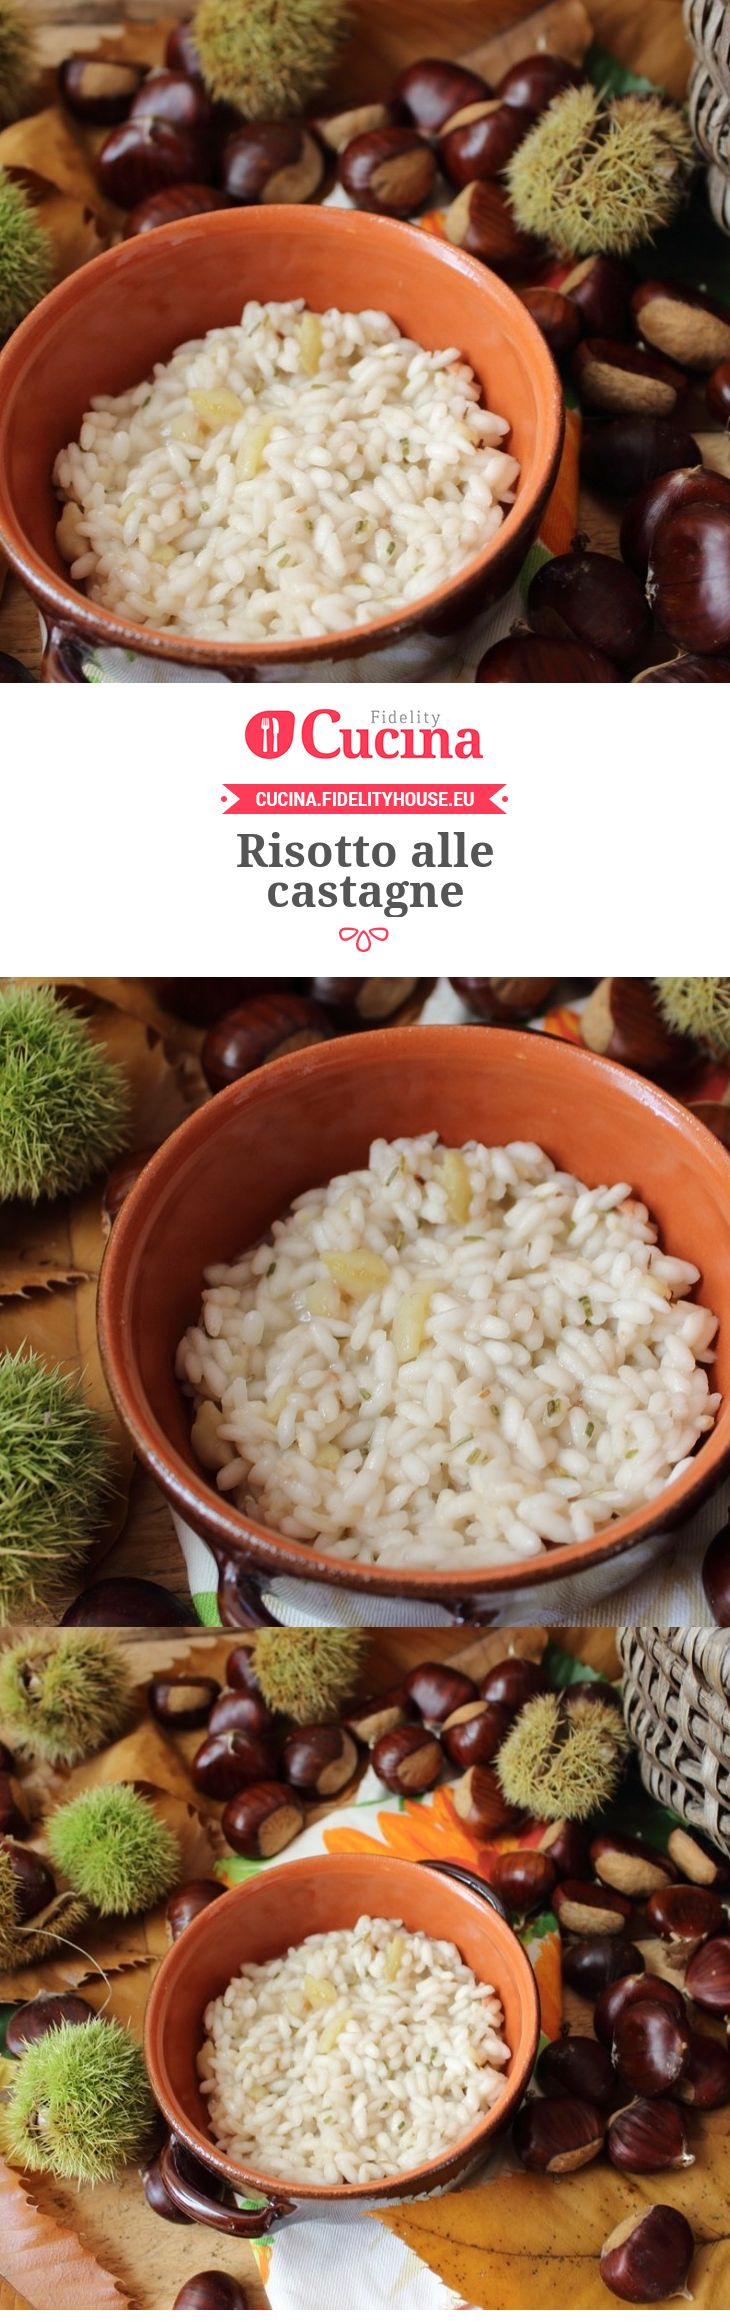 #Risotto alle #castagne della nostra utente Simona. Unisciti alla nostra Community ed invia le tue ricette!